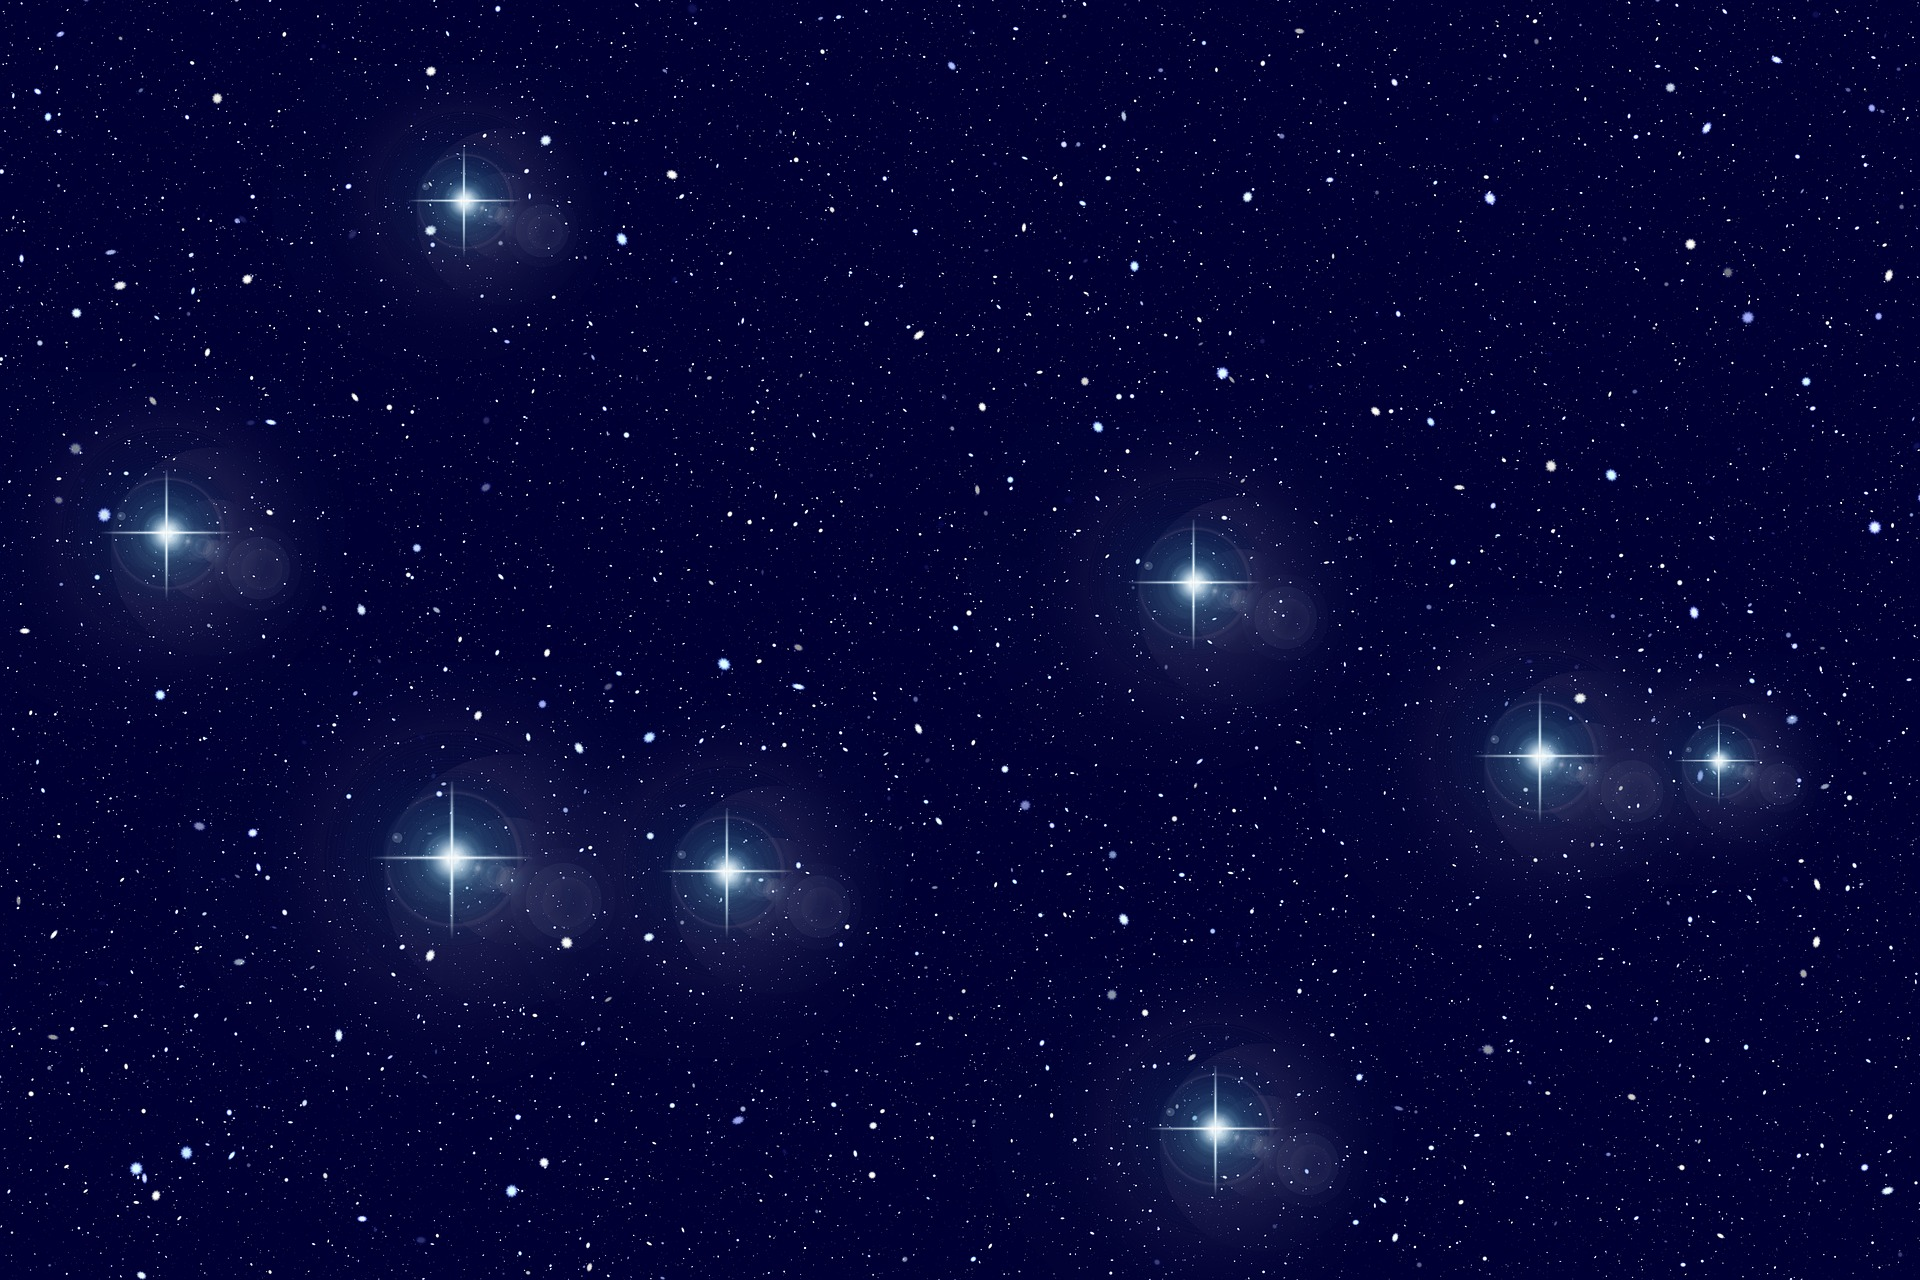 Siderische Astrologie - Die Sterne am Nachthimmel im Oktober